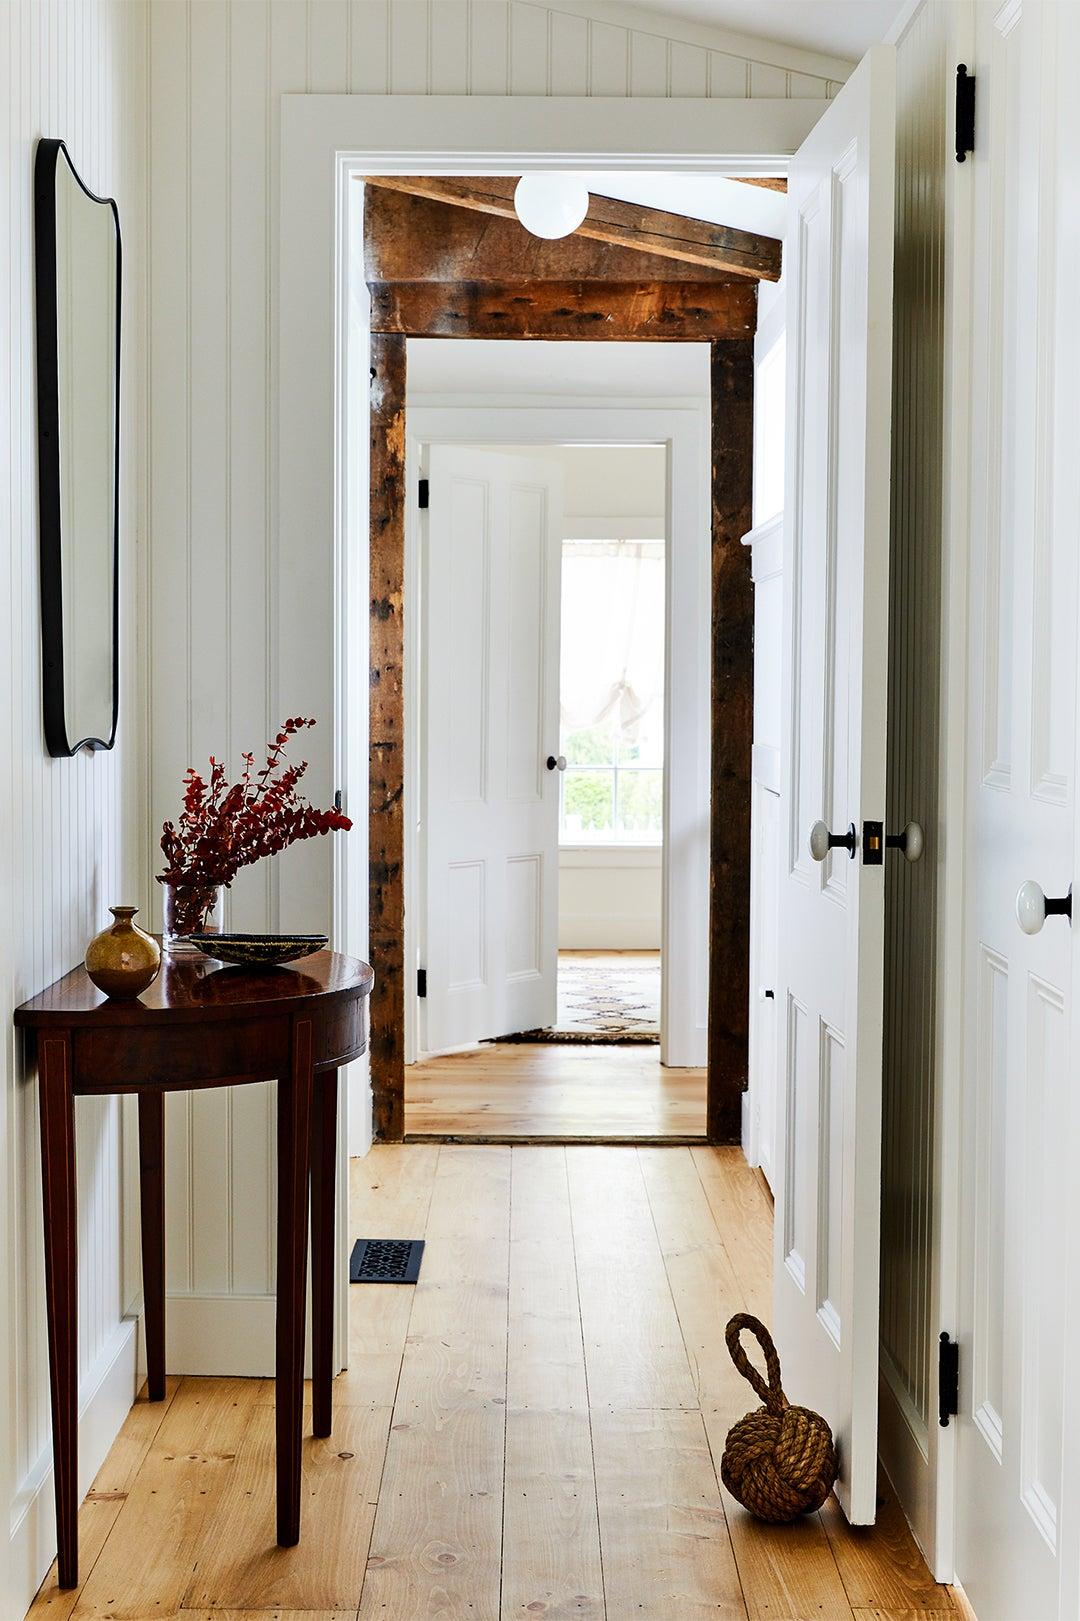 hallway with half-moon table